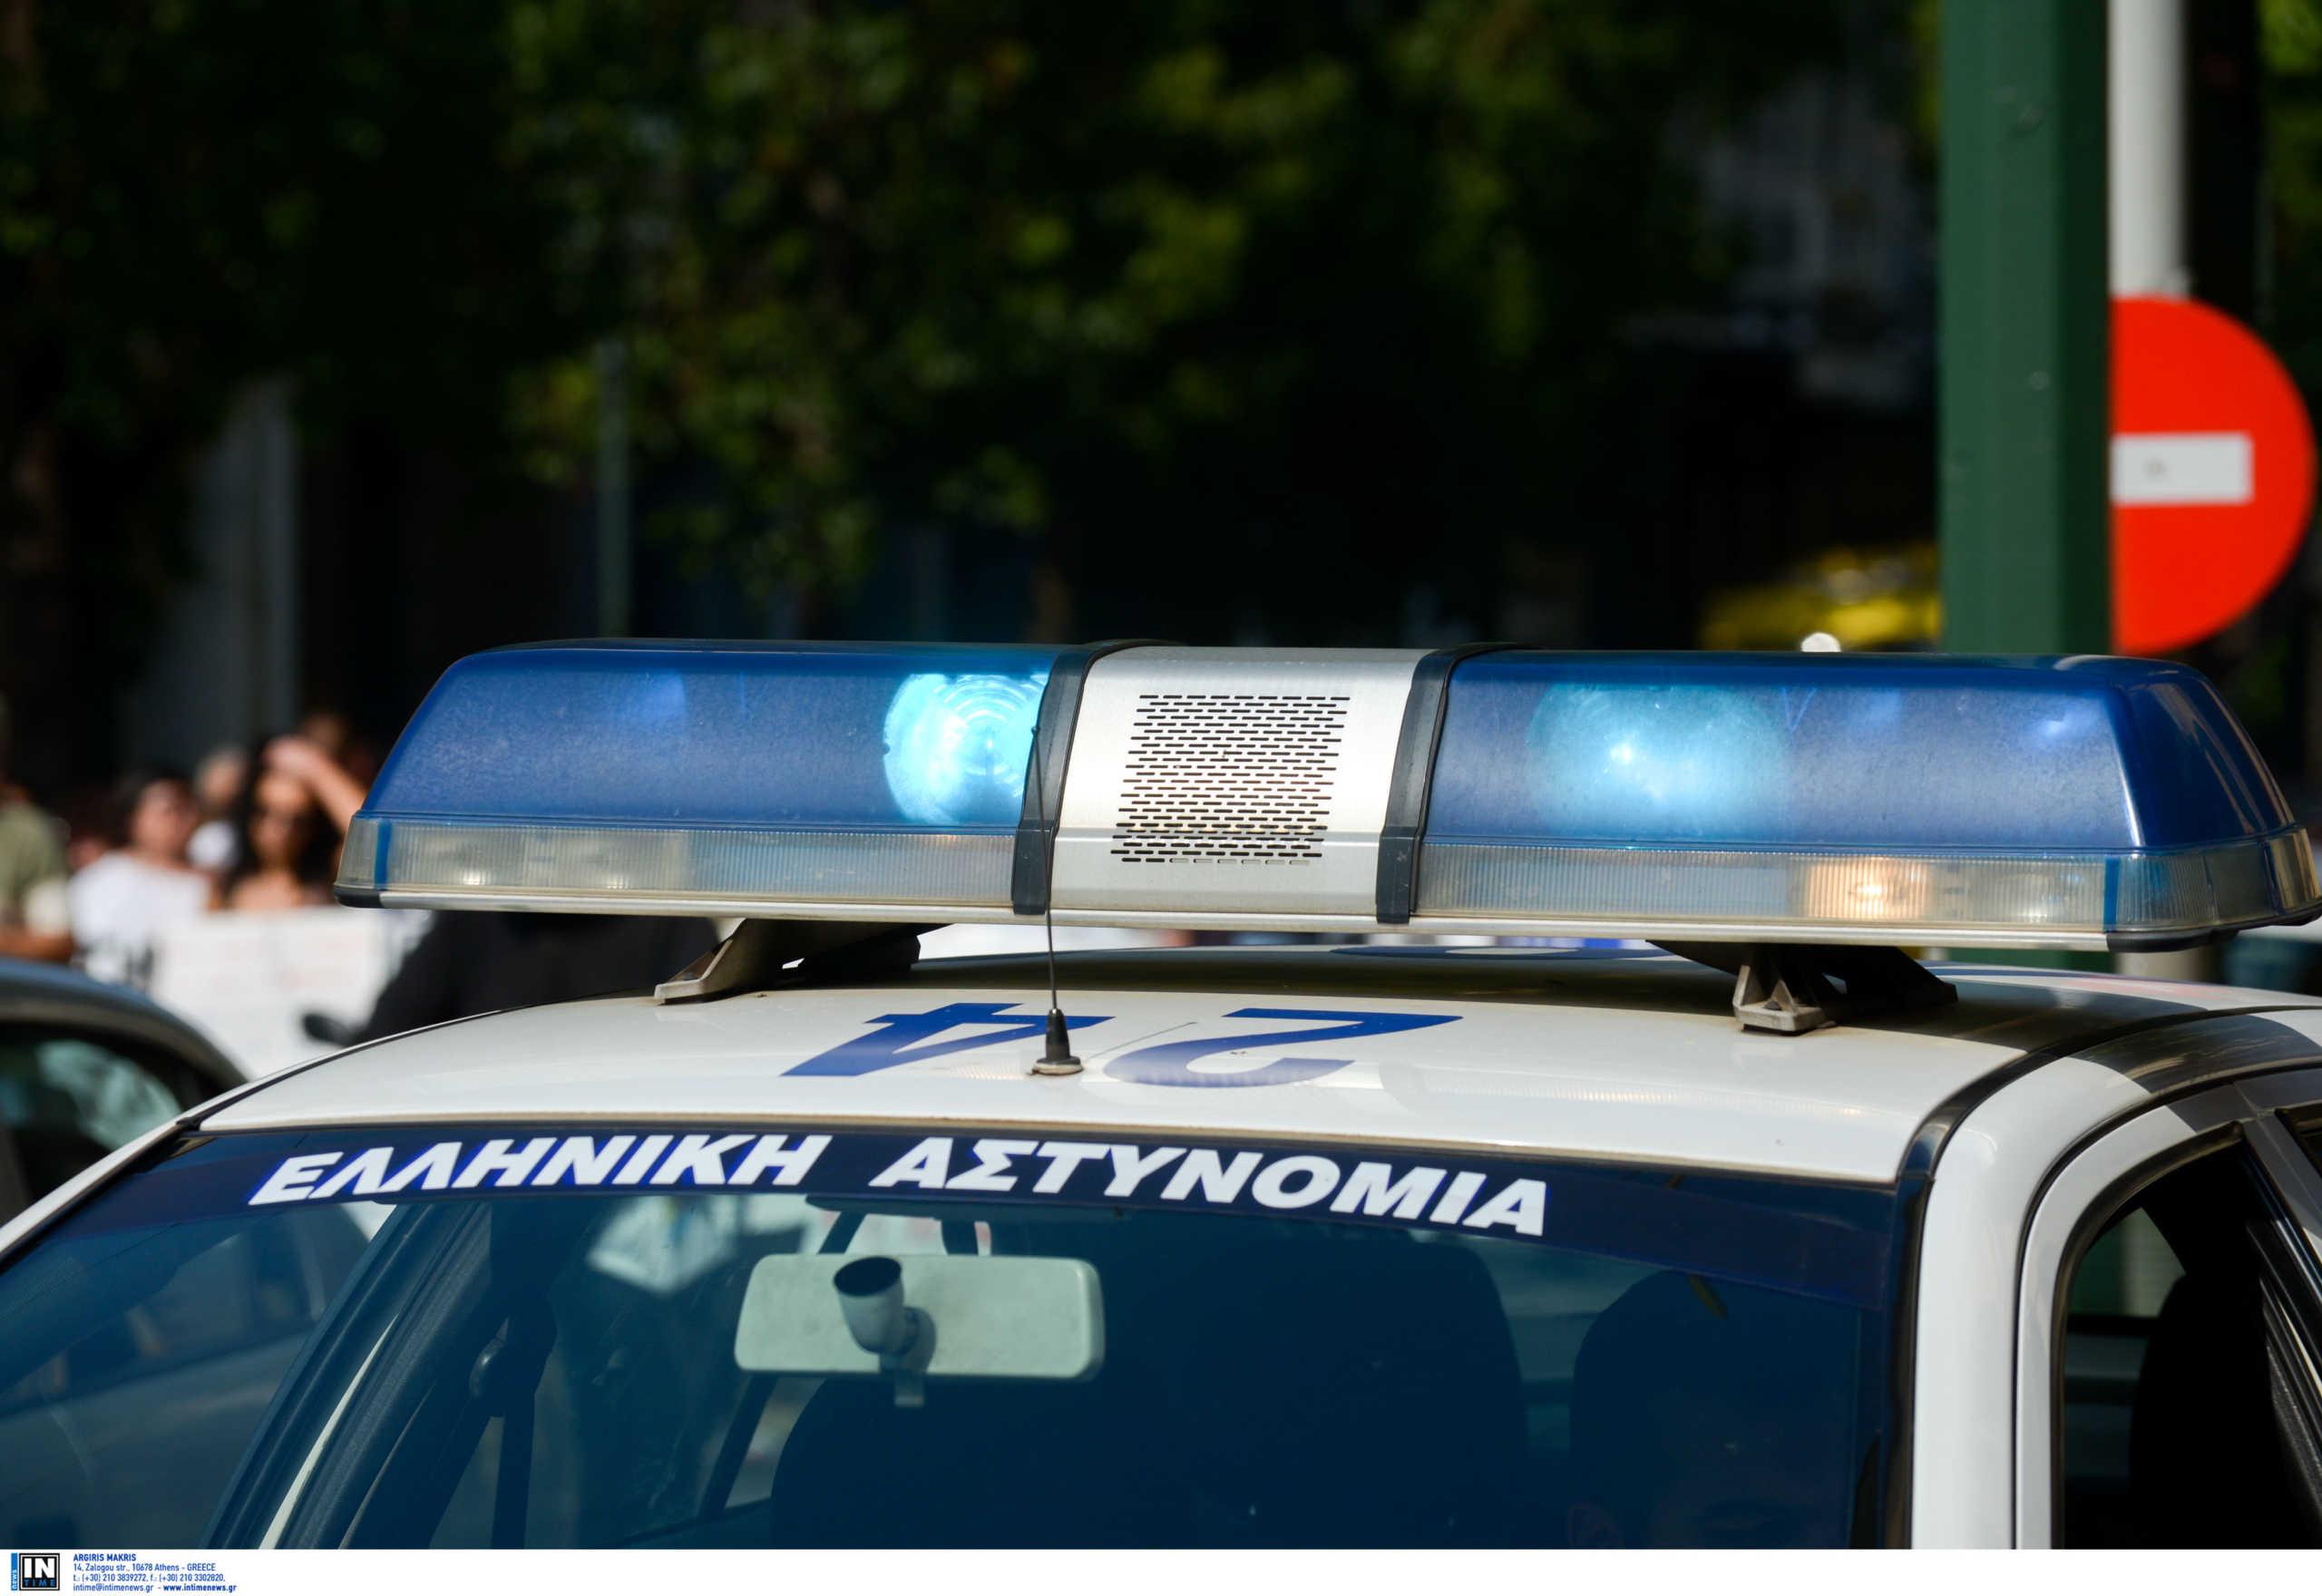 Θεσσαλονίκη: Μέσα στο σπίτι του ένα μικρό οπλοστάσιο! Από σπαθιά μέχρι πιστόλια και αεροβόλα